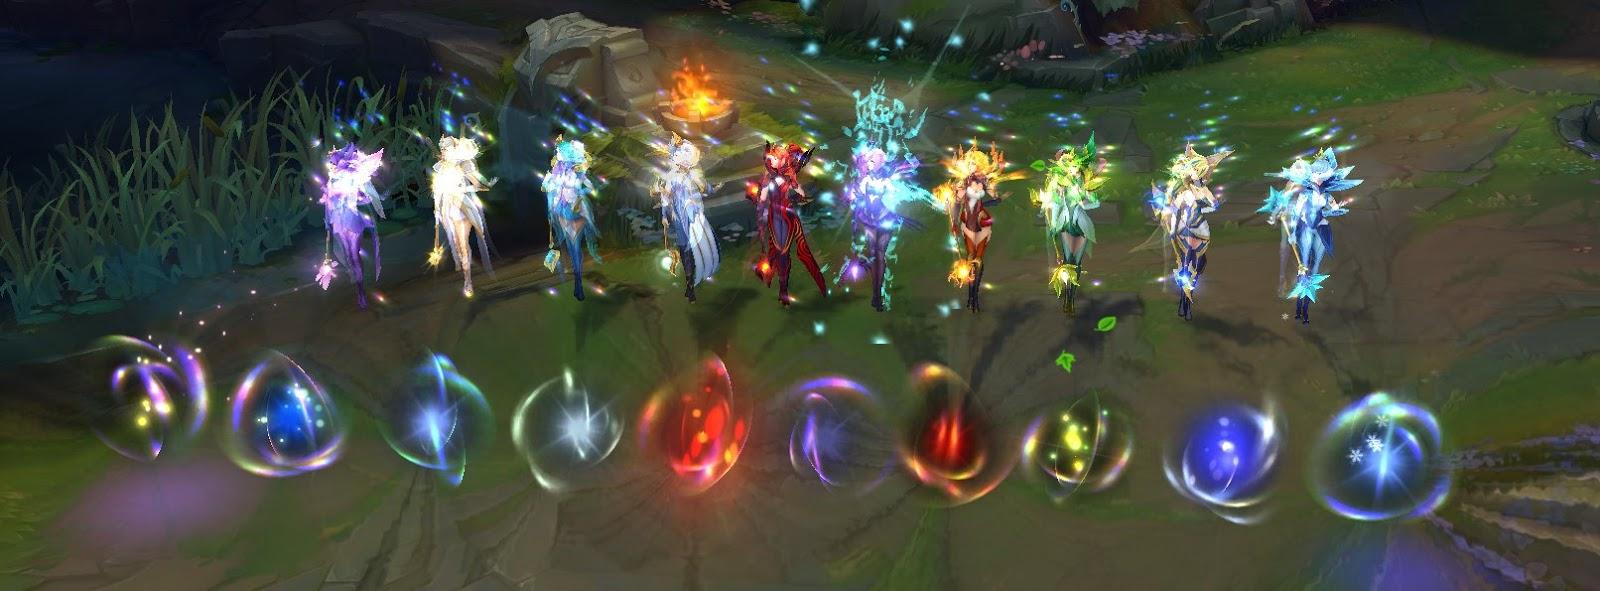 also surrender at pbe update elementalist lux rh surrenderat